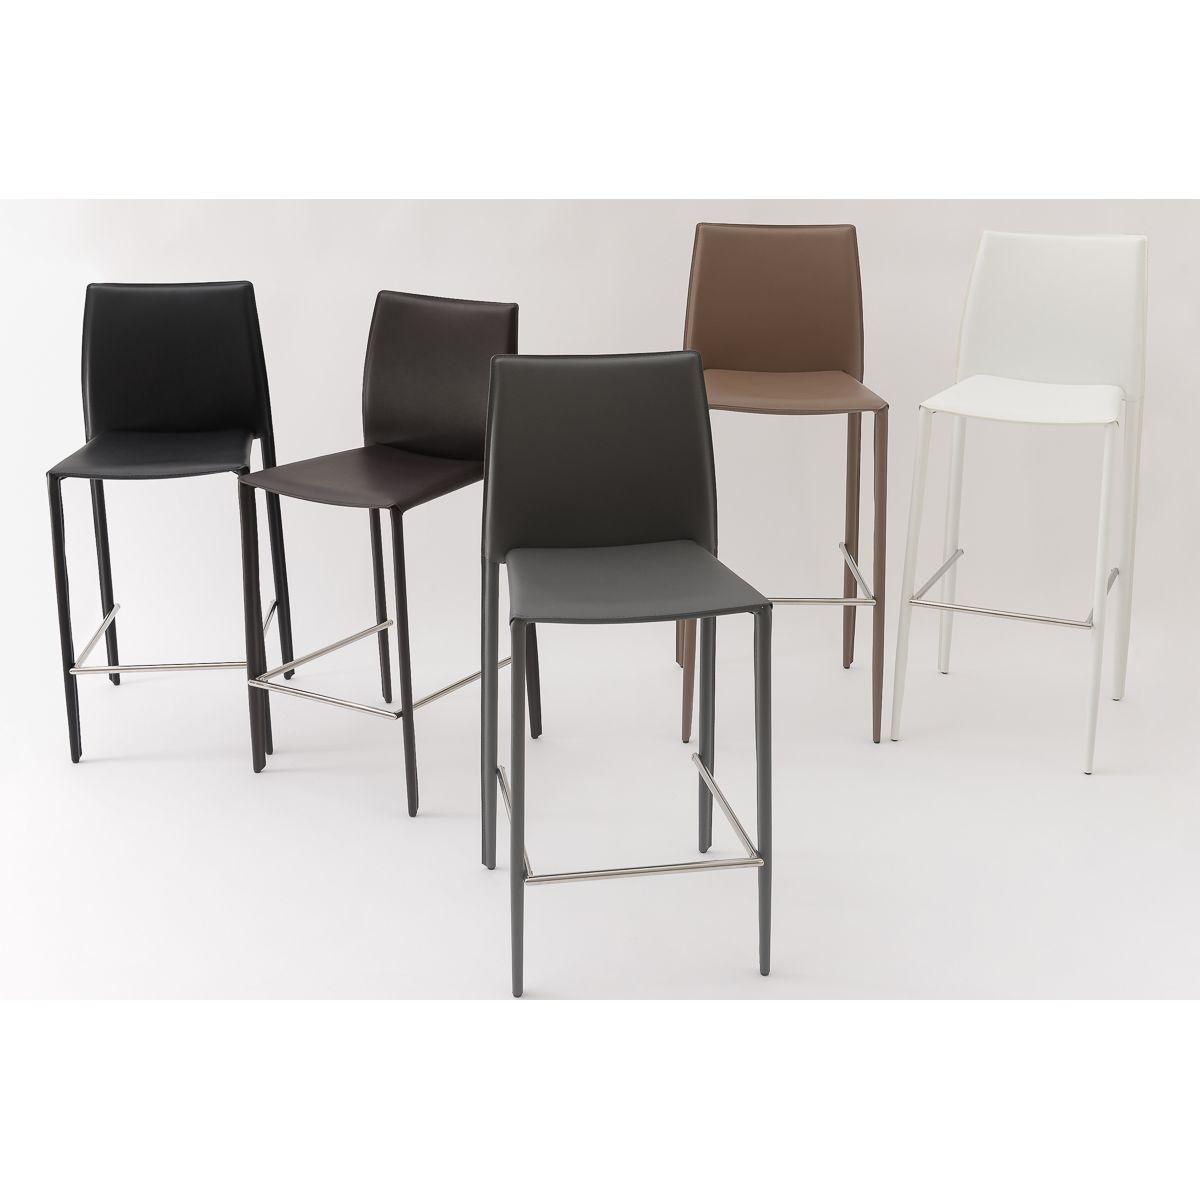 Chaise de bar design cuir reconstitué  noir